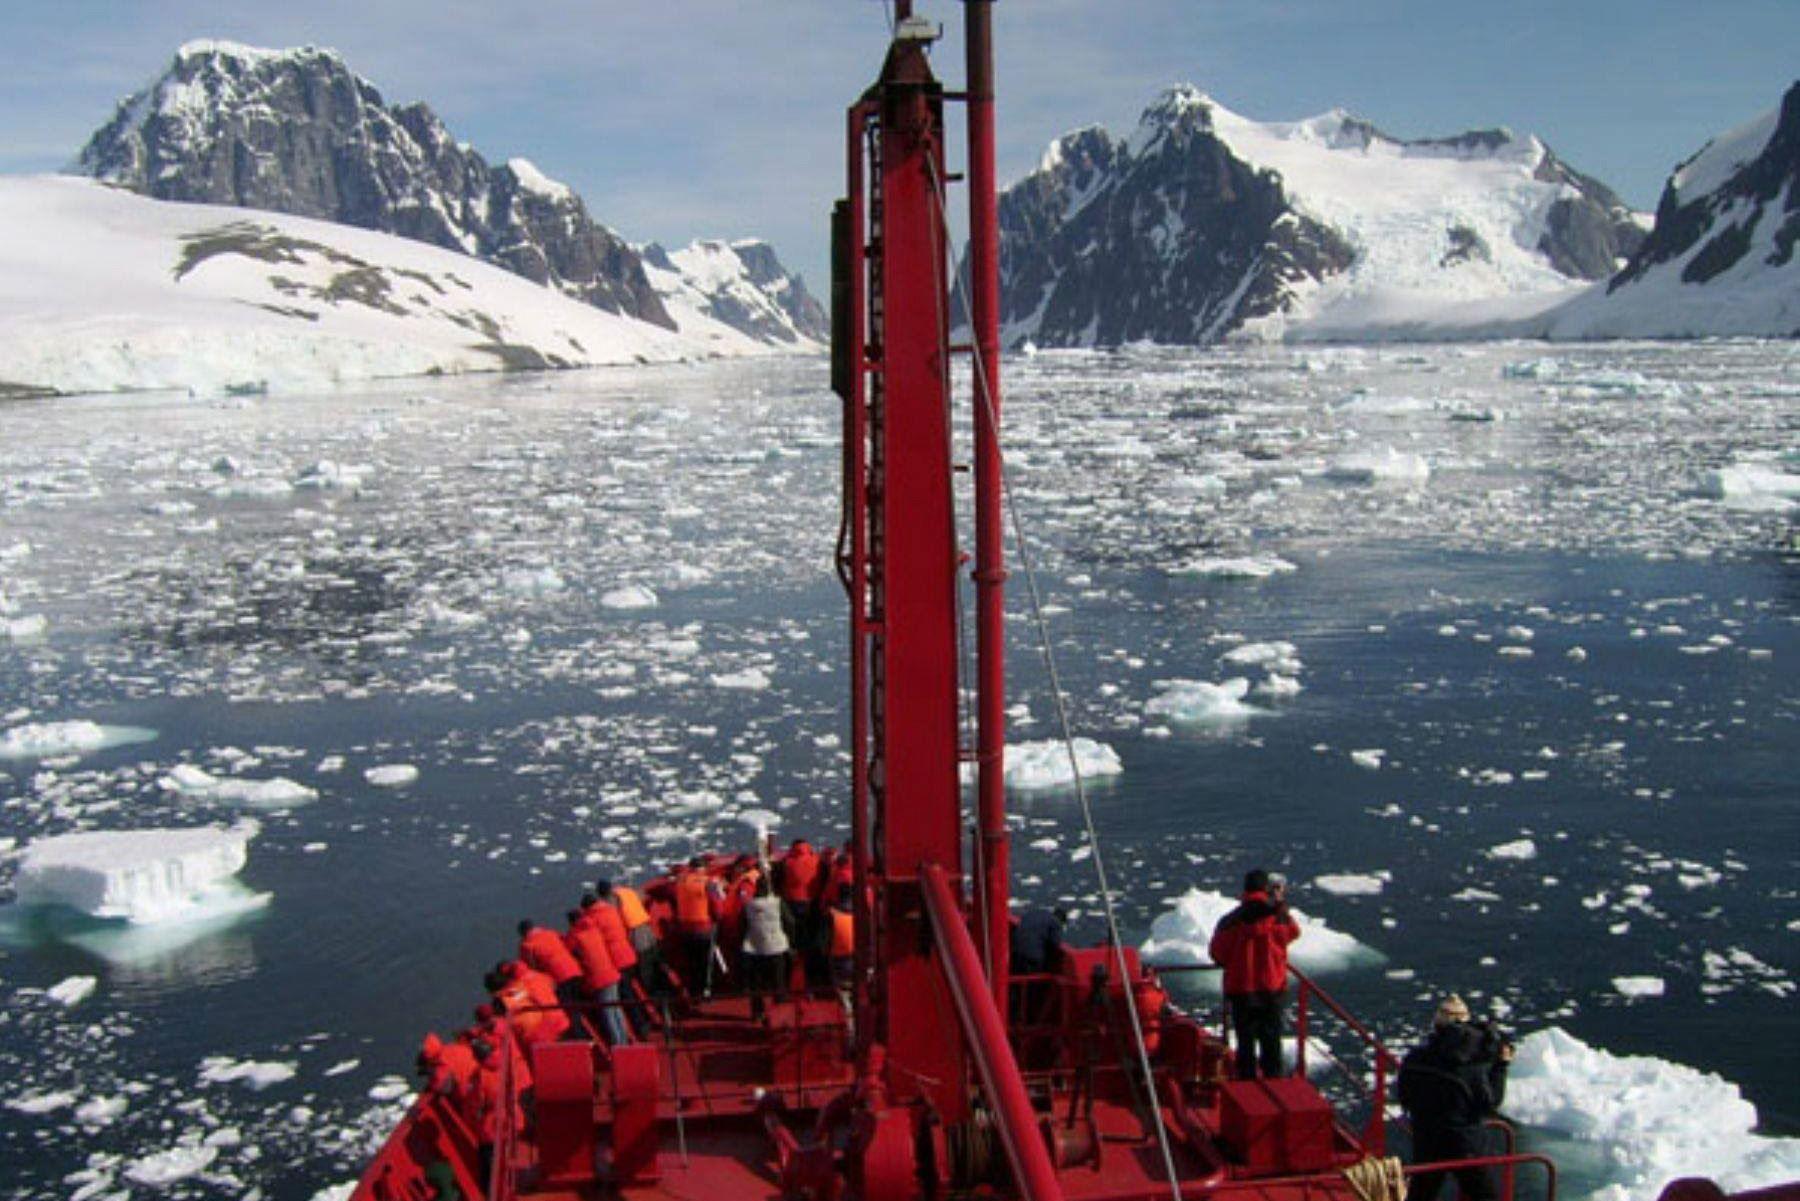 Tres investigadoras de la Universidad Católica de Santa María de Arequipa participaron en la expedición científica en la Antártida. Foto: ANDINA/UCSM